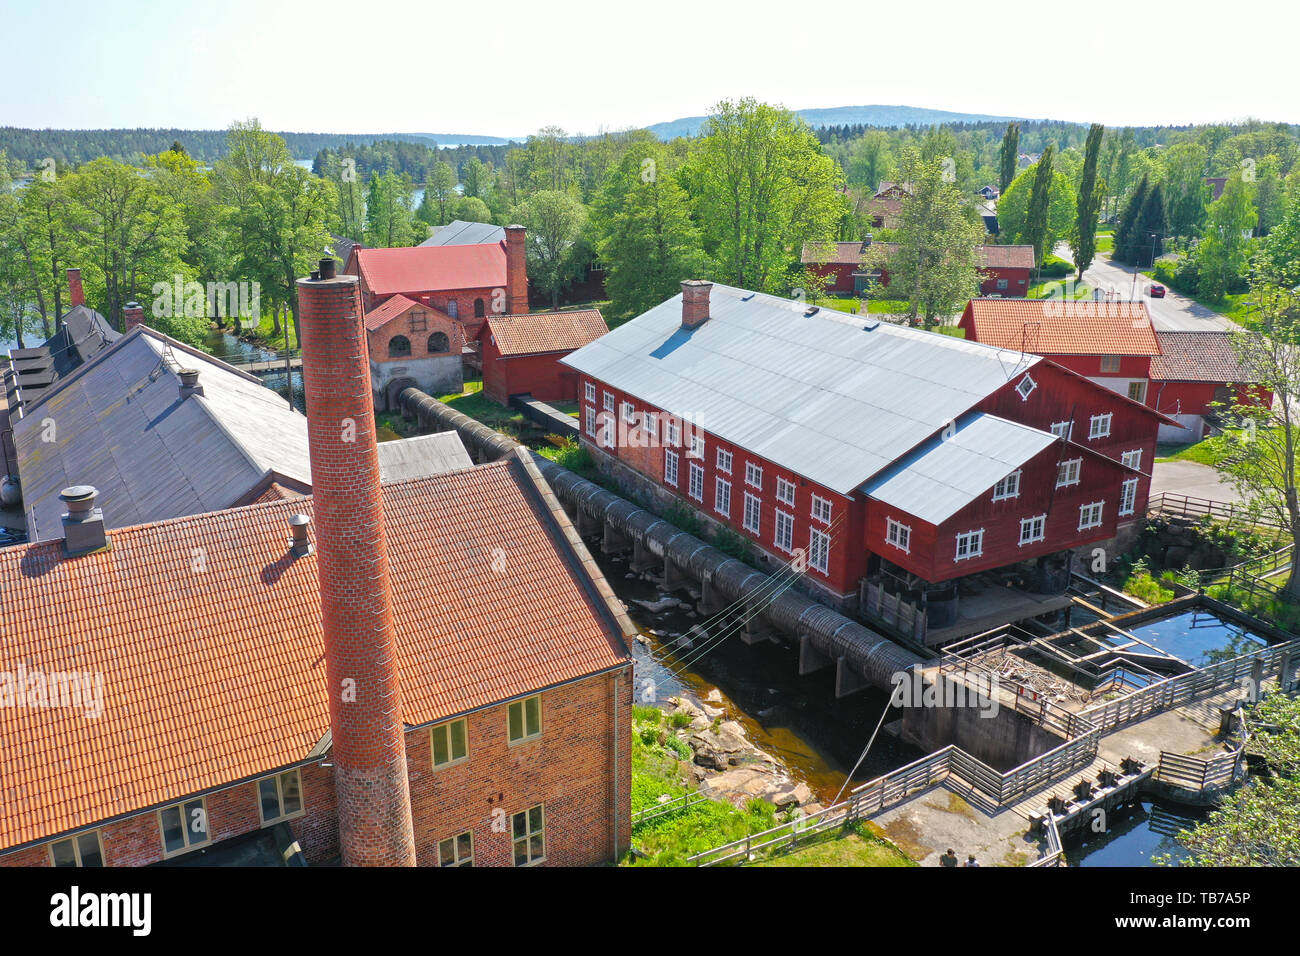 FORSVIK 20190522 Forsviks bruk. Forsviks bruk är i dag ett industriarv i Forsvik, Karlsborgs kommun. På bruket har det drivits flera olika industriverksamheter i 600 år. Brukets verksamhet har bestått av kvarn, sågverk, hammarsmedjor, träsliperi, gjuteri och mekanisk verkstad. Industriverksamheten på bruket har förändrats, bytts ut och förnyats i takt med ägare och efterfrågan. Foto Jeppe Gustafsson - Stock Image